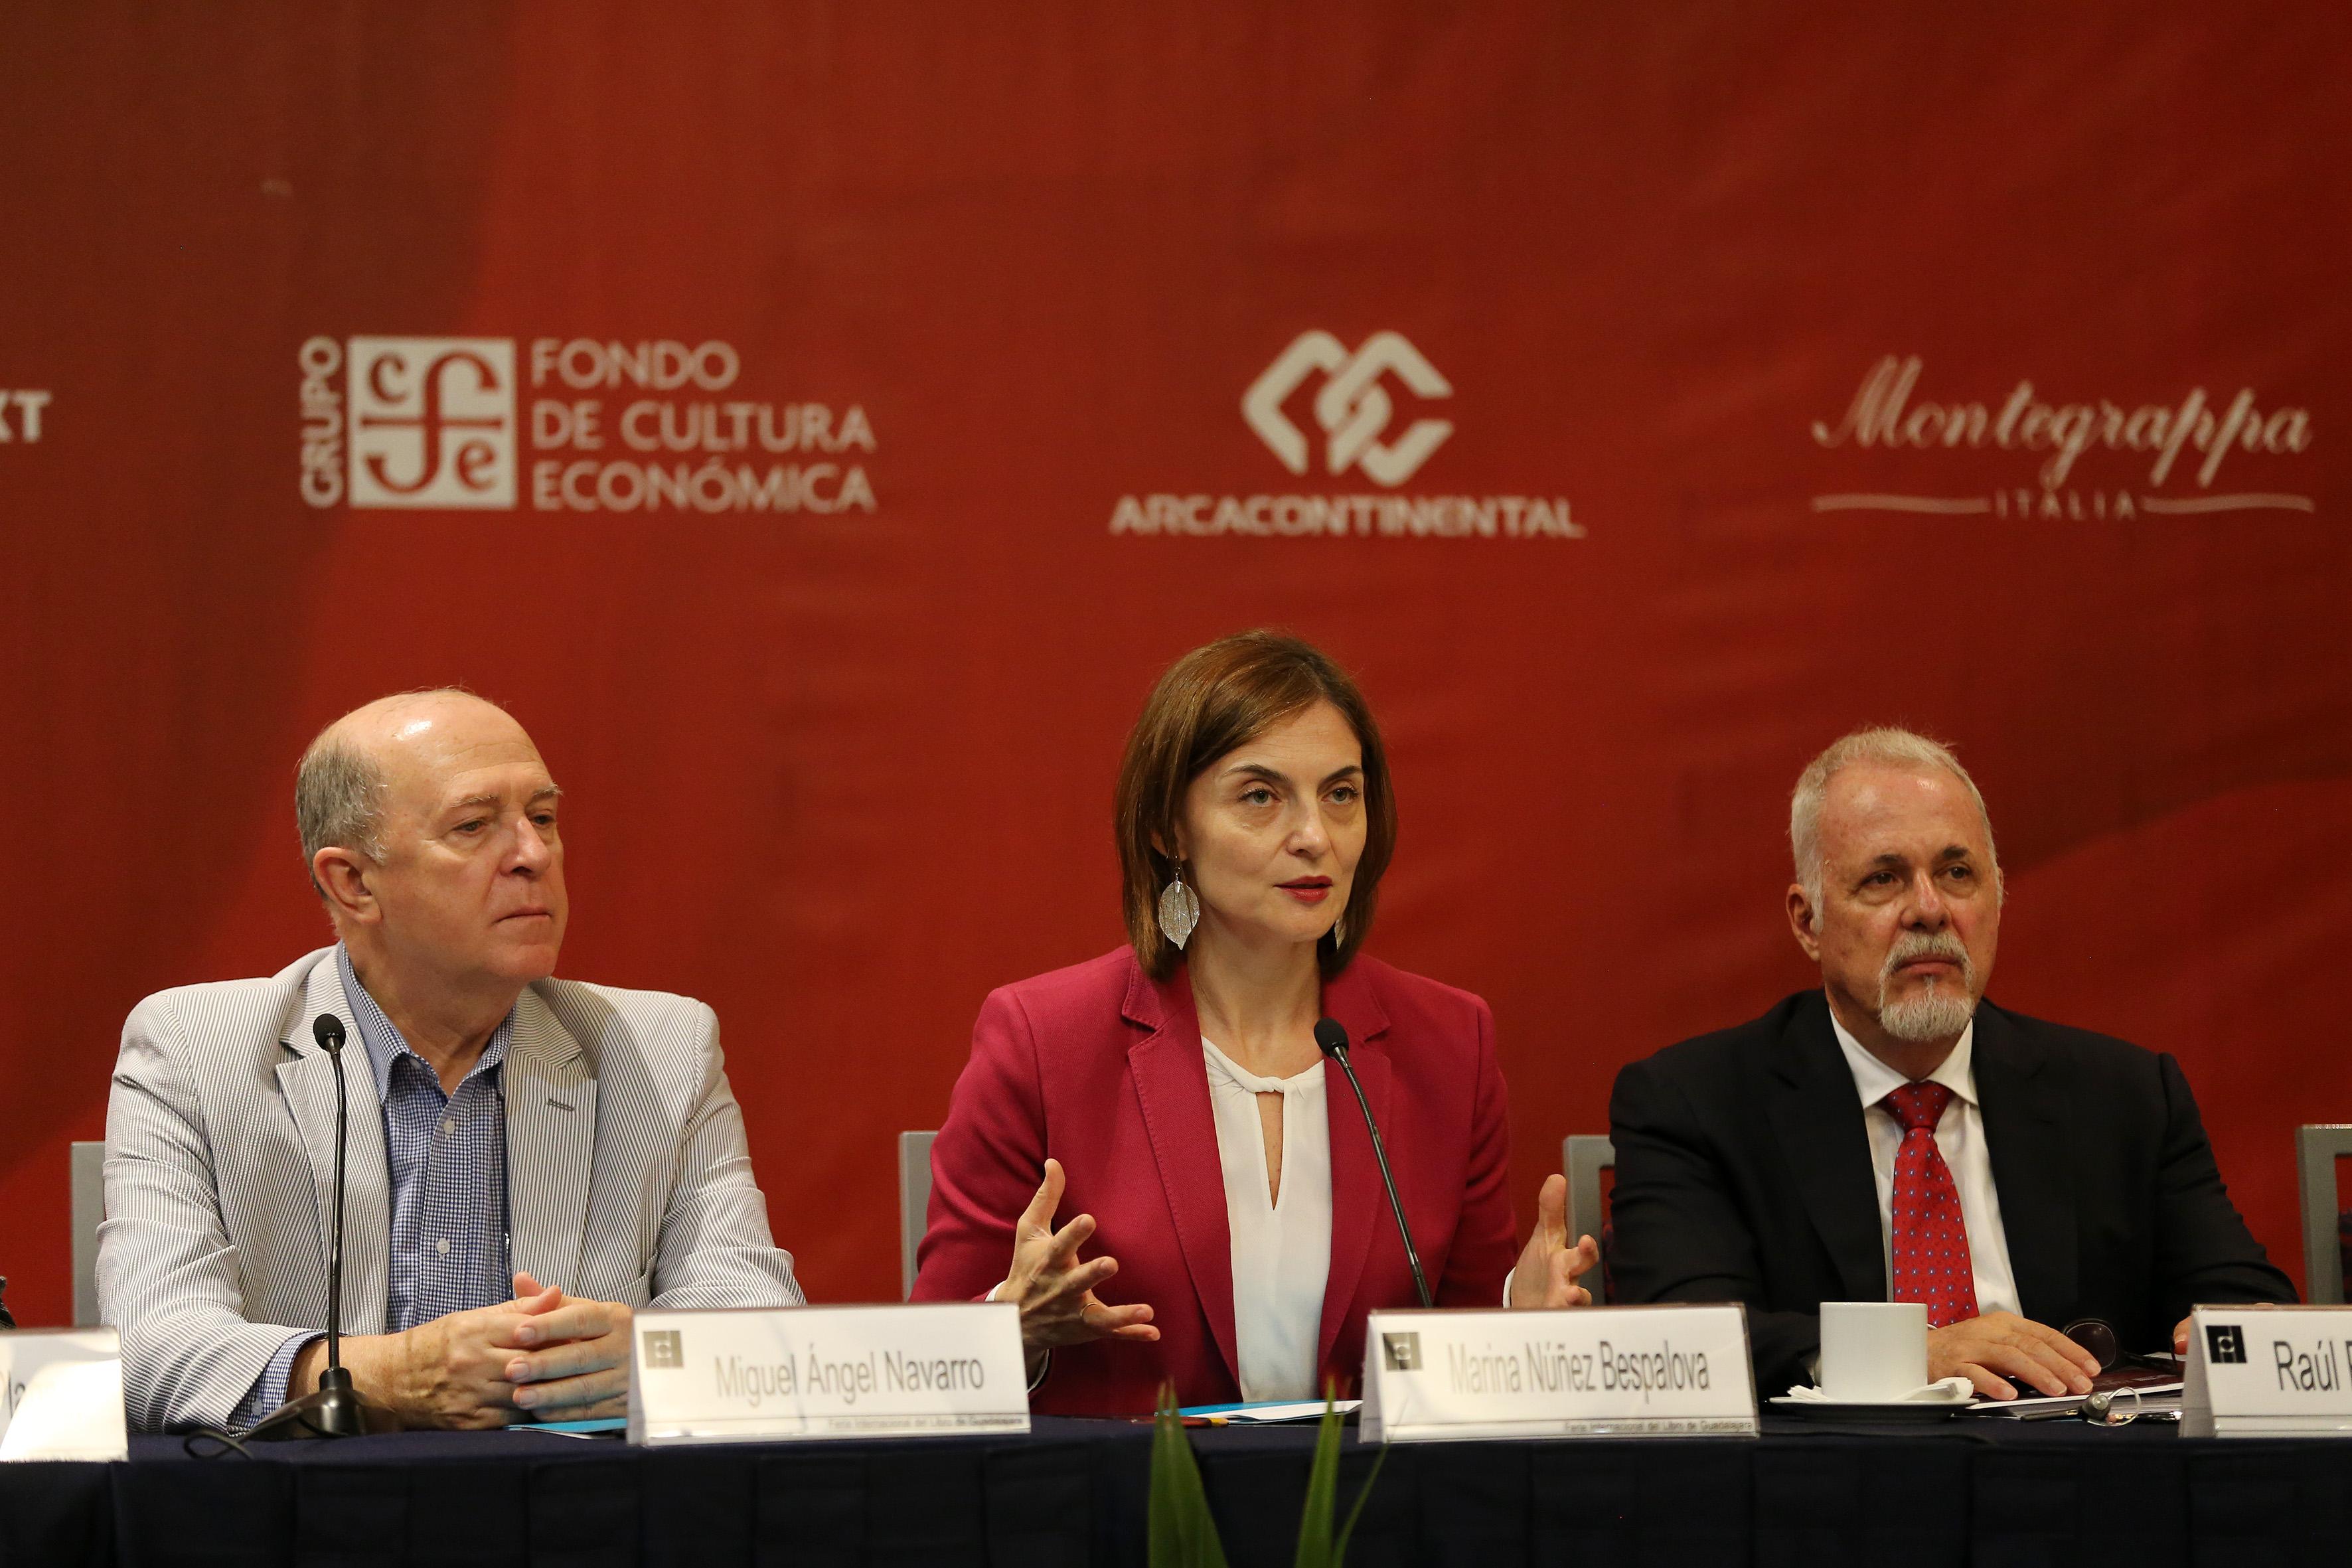 Doctora Marina Núñez Bespalova, Directora General de Publicaciones de la Secretaría de Cultura federal, haciendo uso de la palabra durante rueda de prensa.